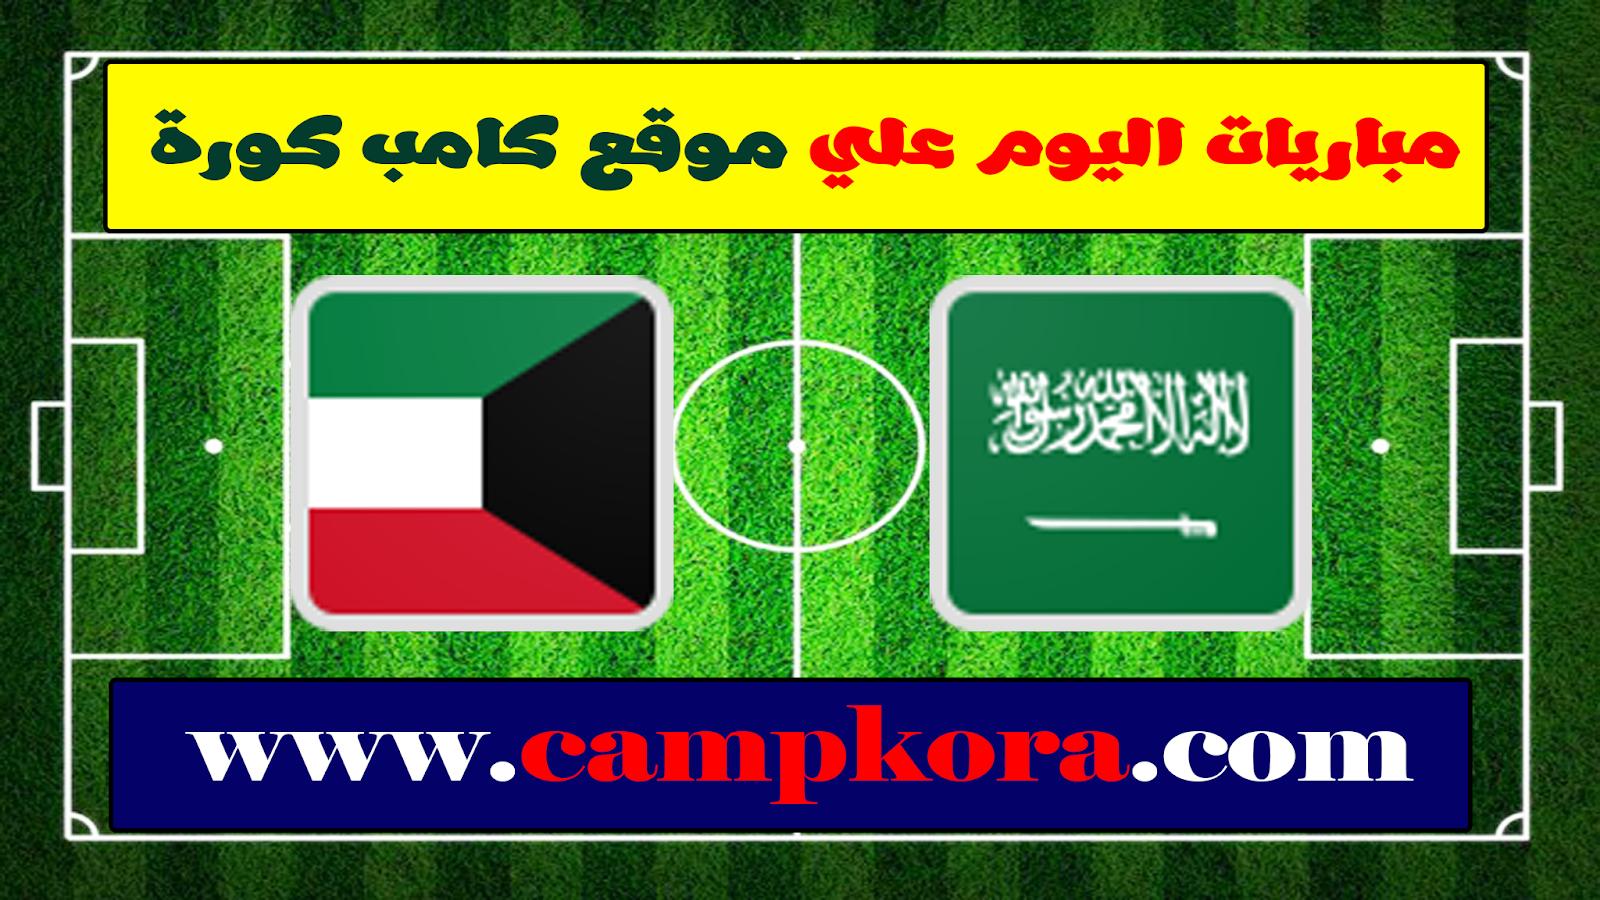 نتيجة مباراة السعودية والكويت مباريات اليوم جوال 27 11 2019 كأس في